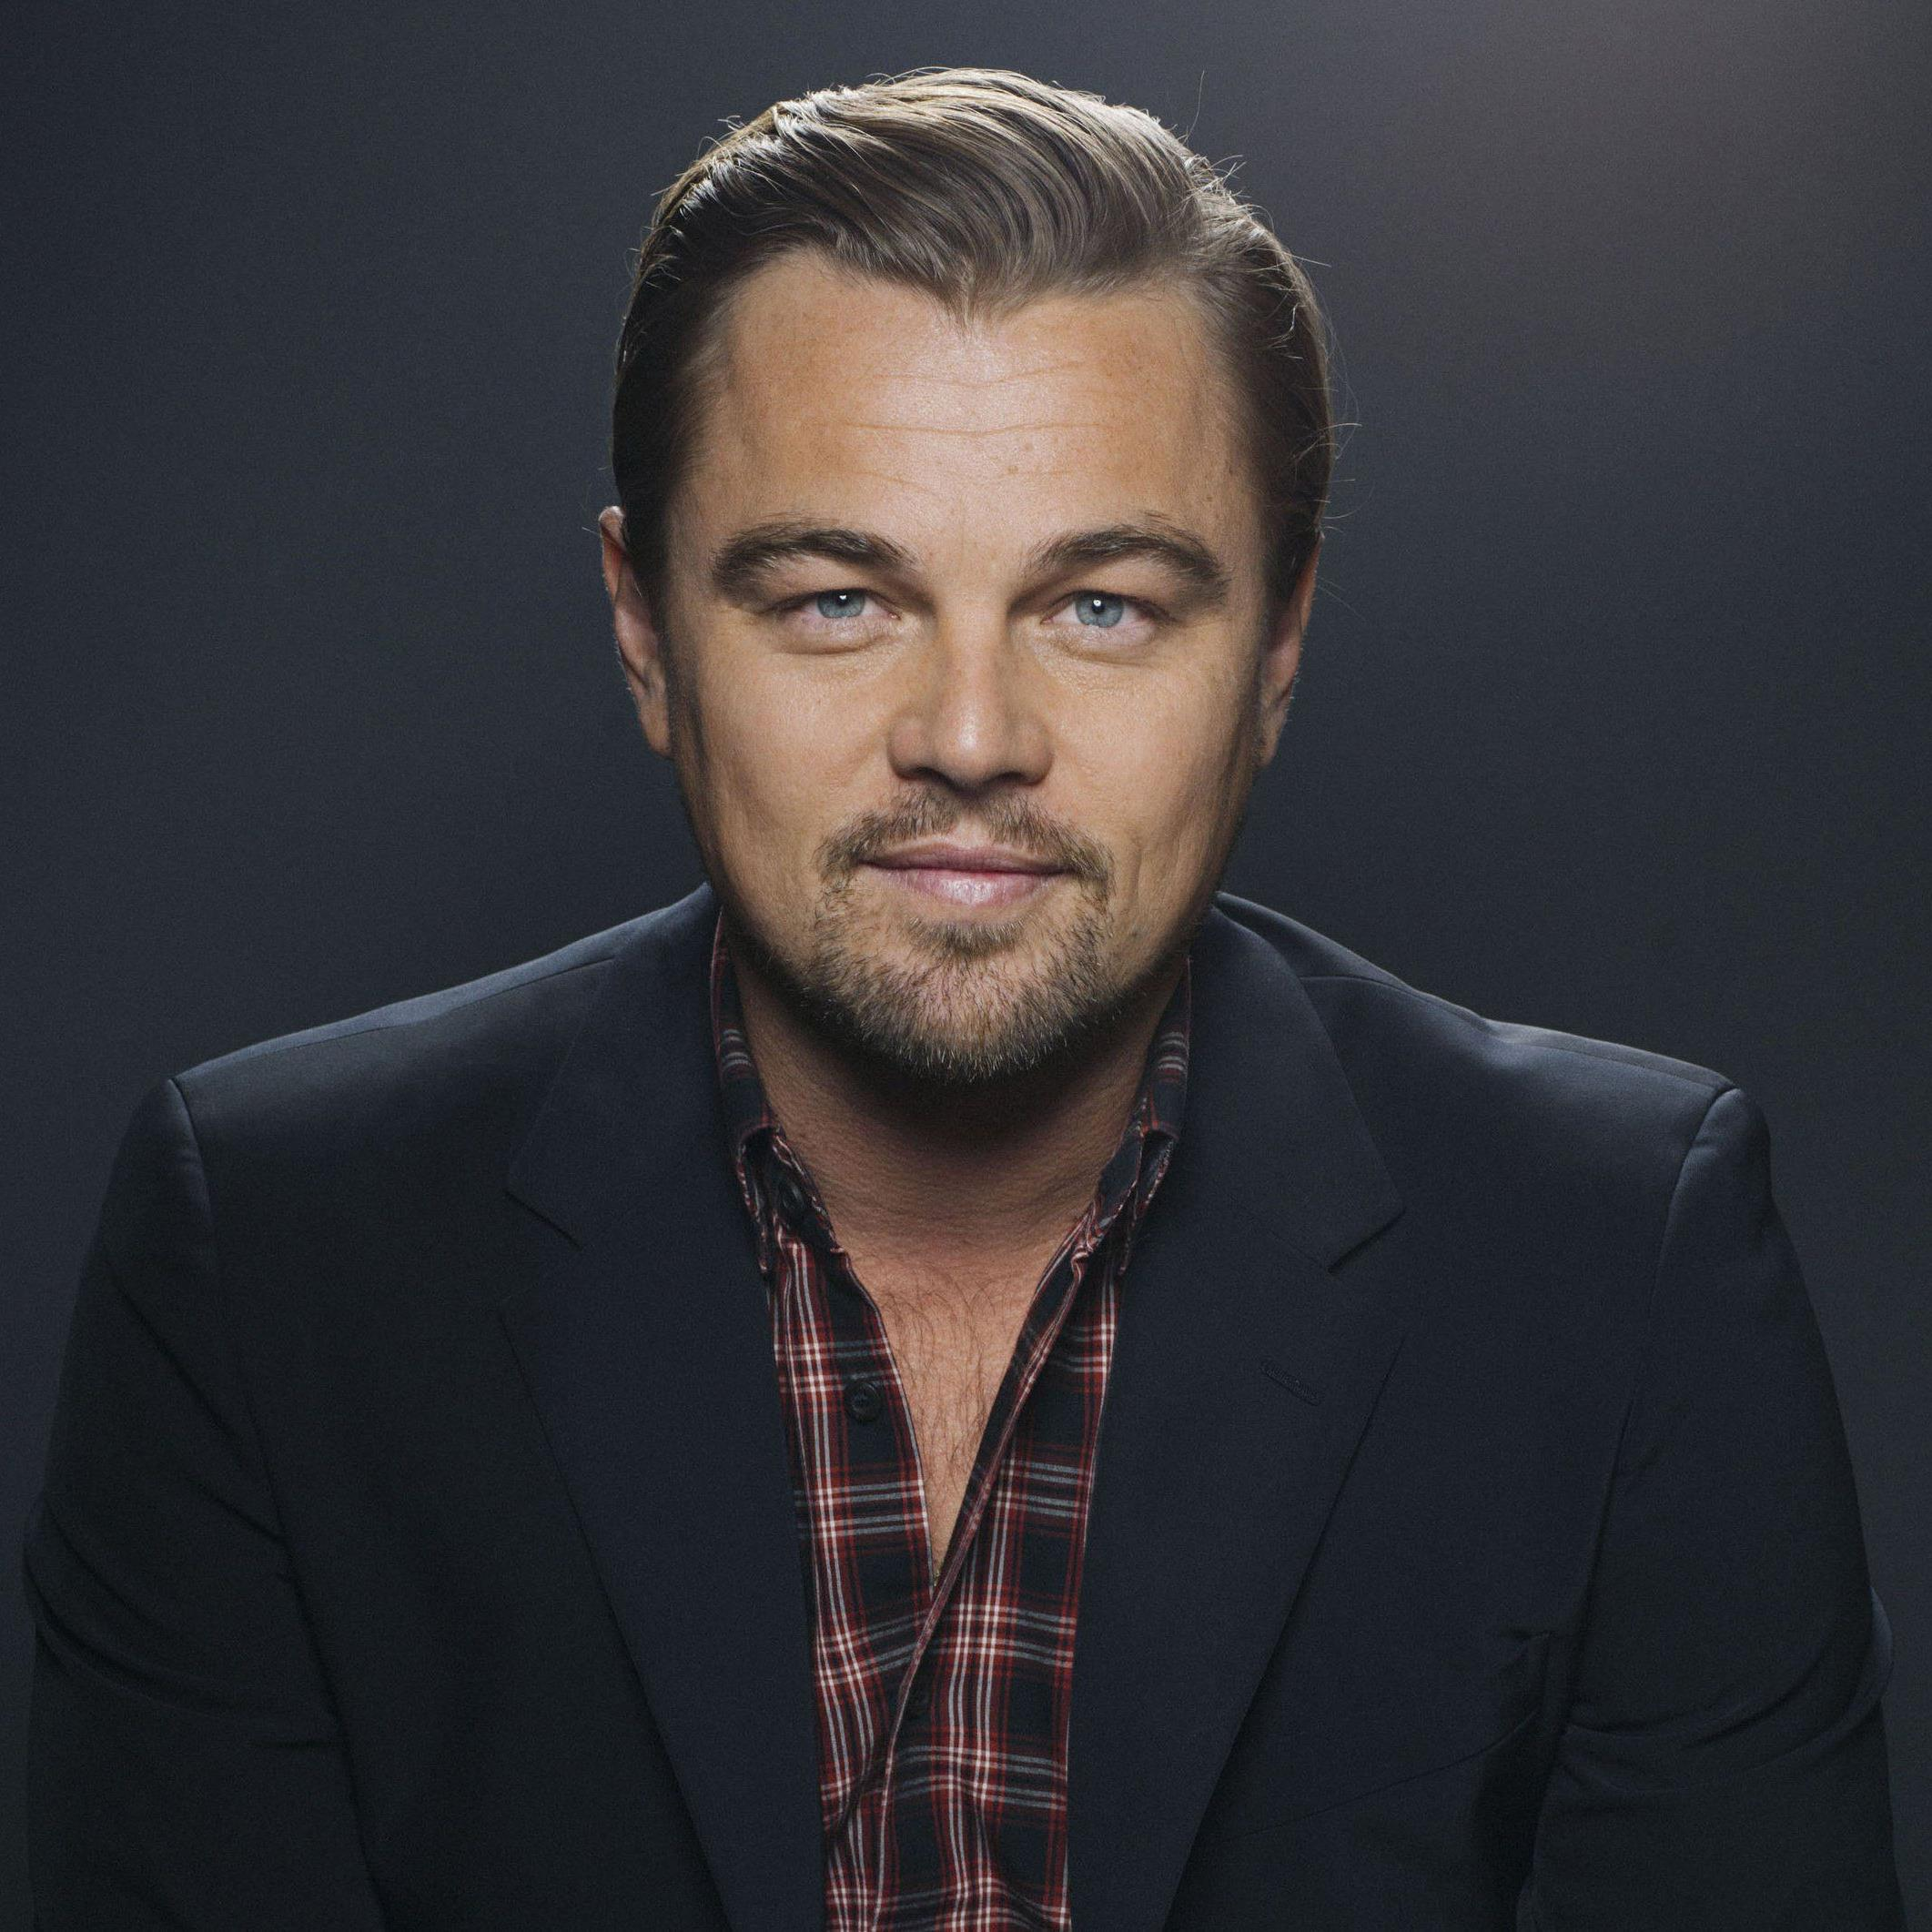 Leonardo DiCaprio feiert am 11.11. seinen 40. Geburtstag.